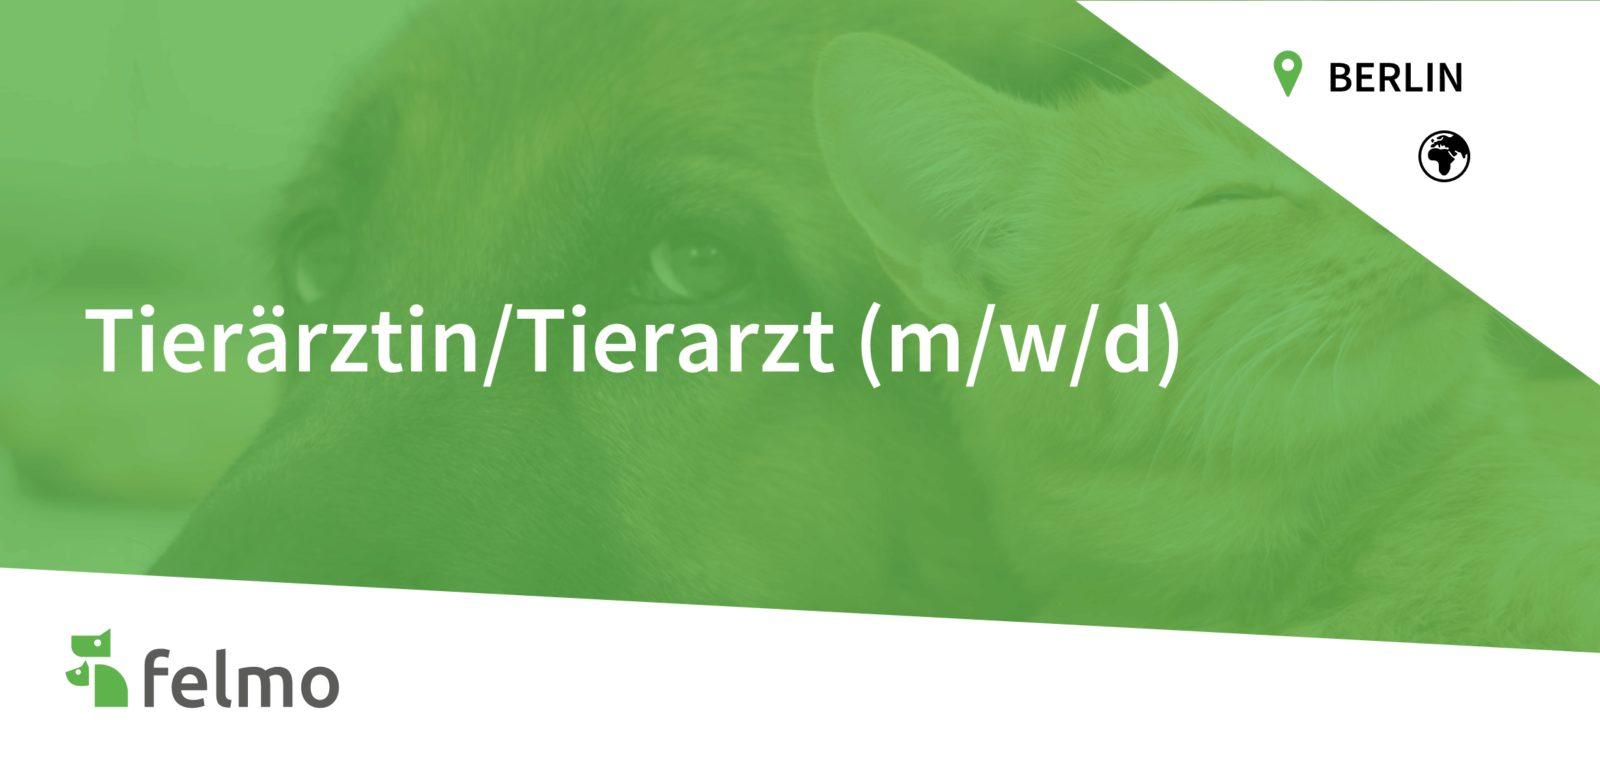 felmo GmbH - Tierärztin/Tierarzt (m/w/d) in Berlin gesucht